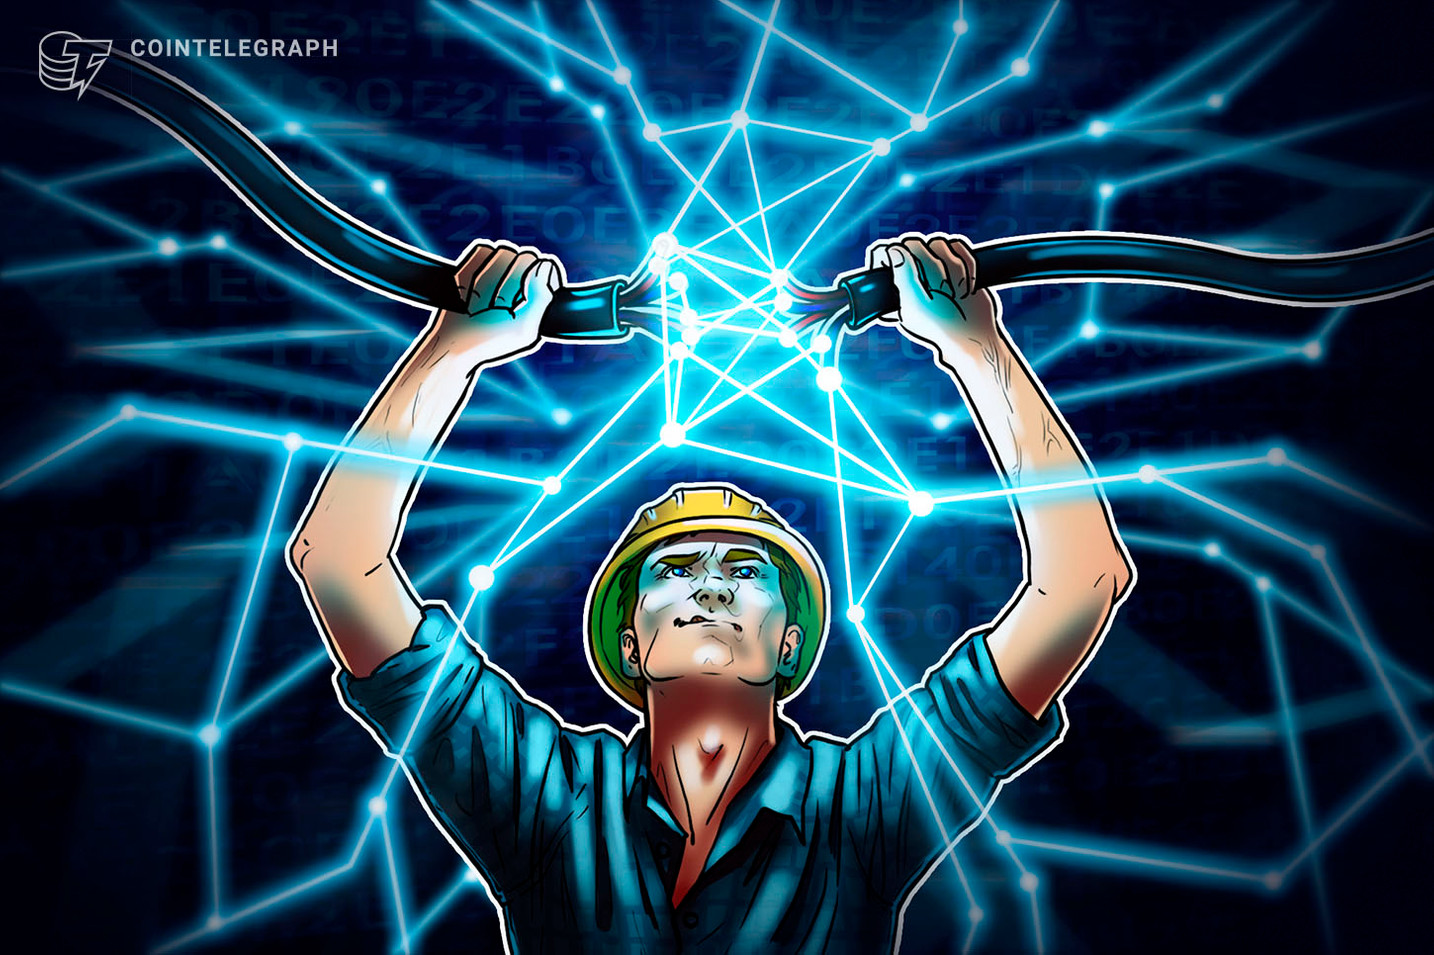 ブロックチェーンに基づくエネルギープラットフォームのデモンストレーション、ドイツの大手企業シーメンスが実施